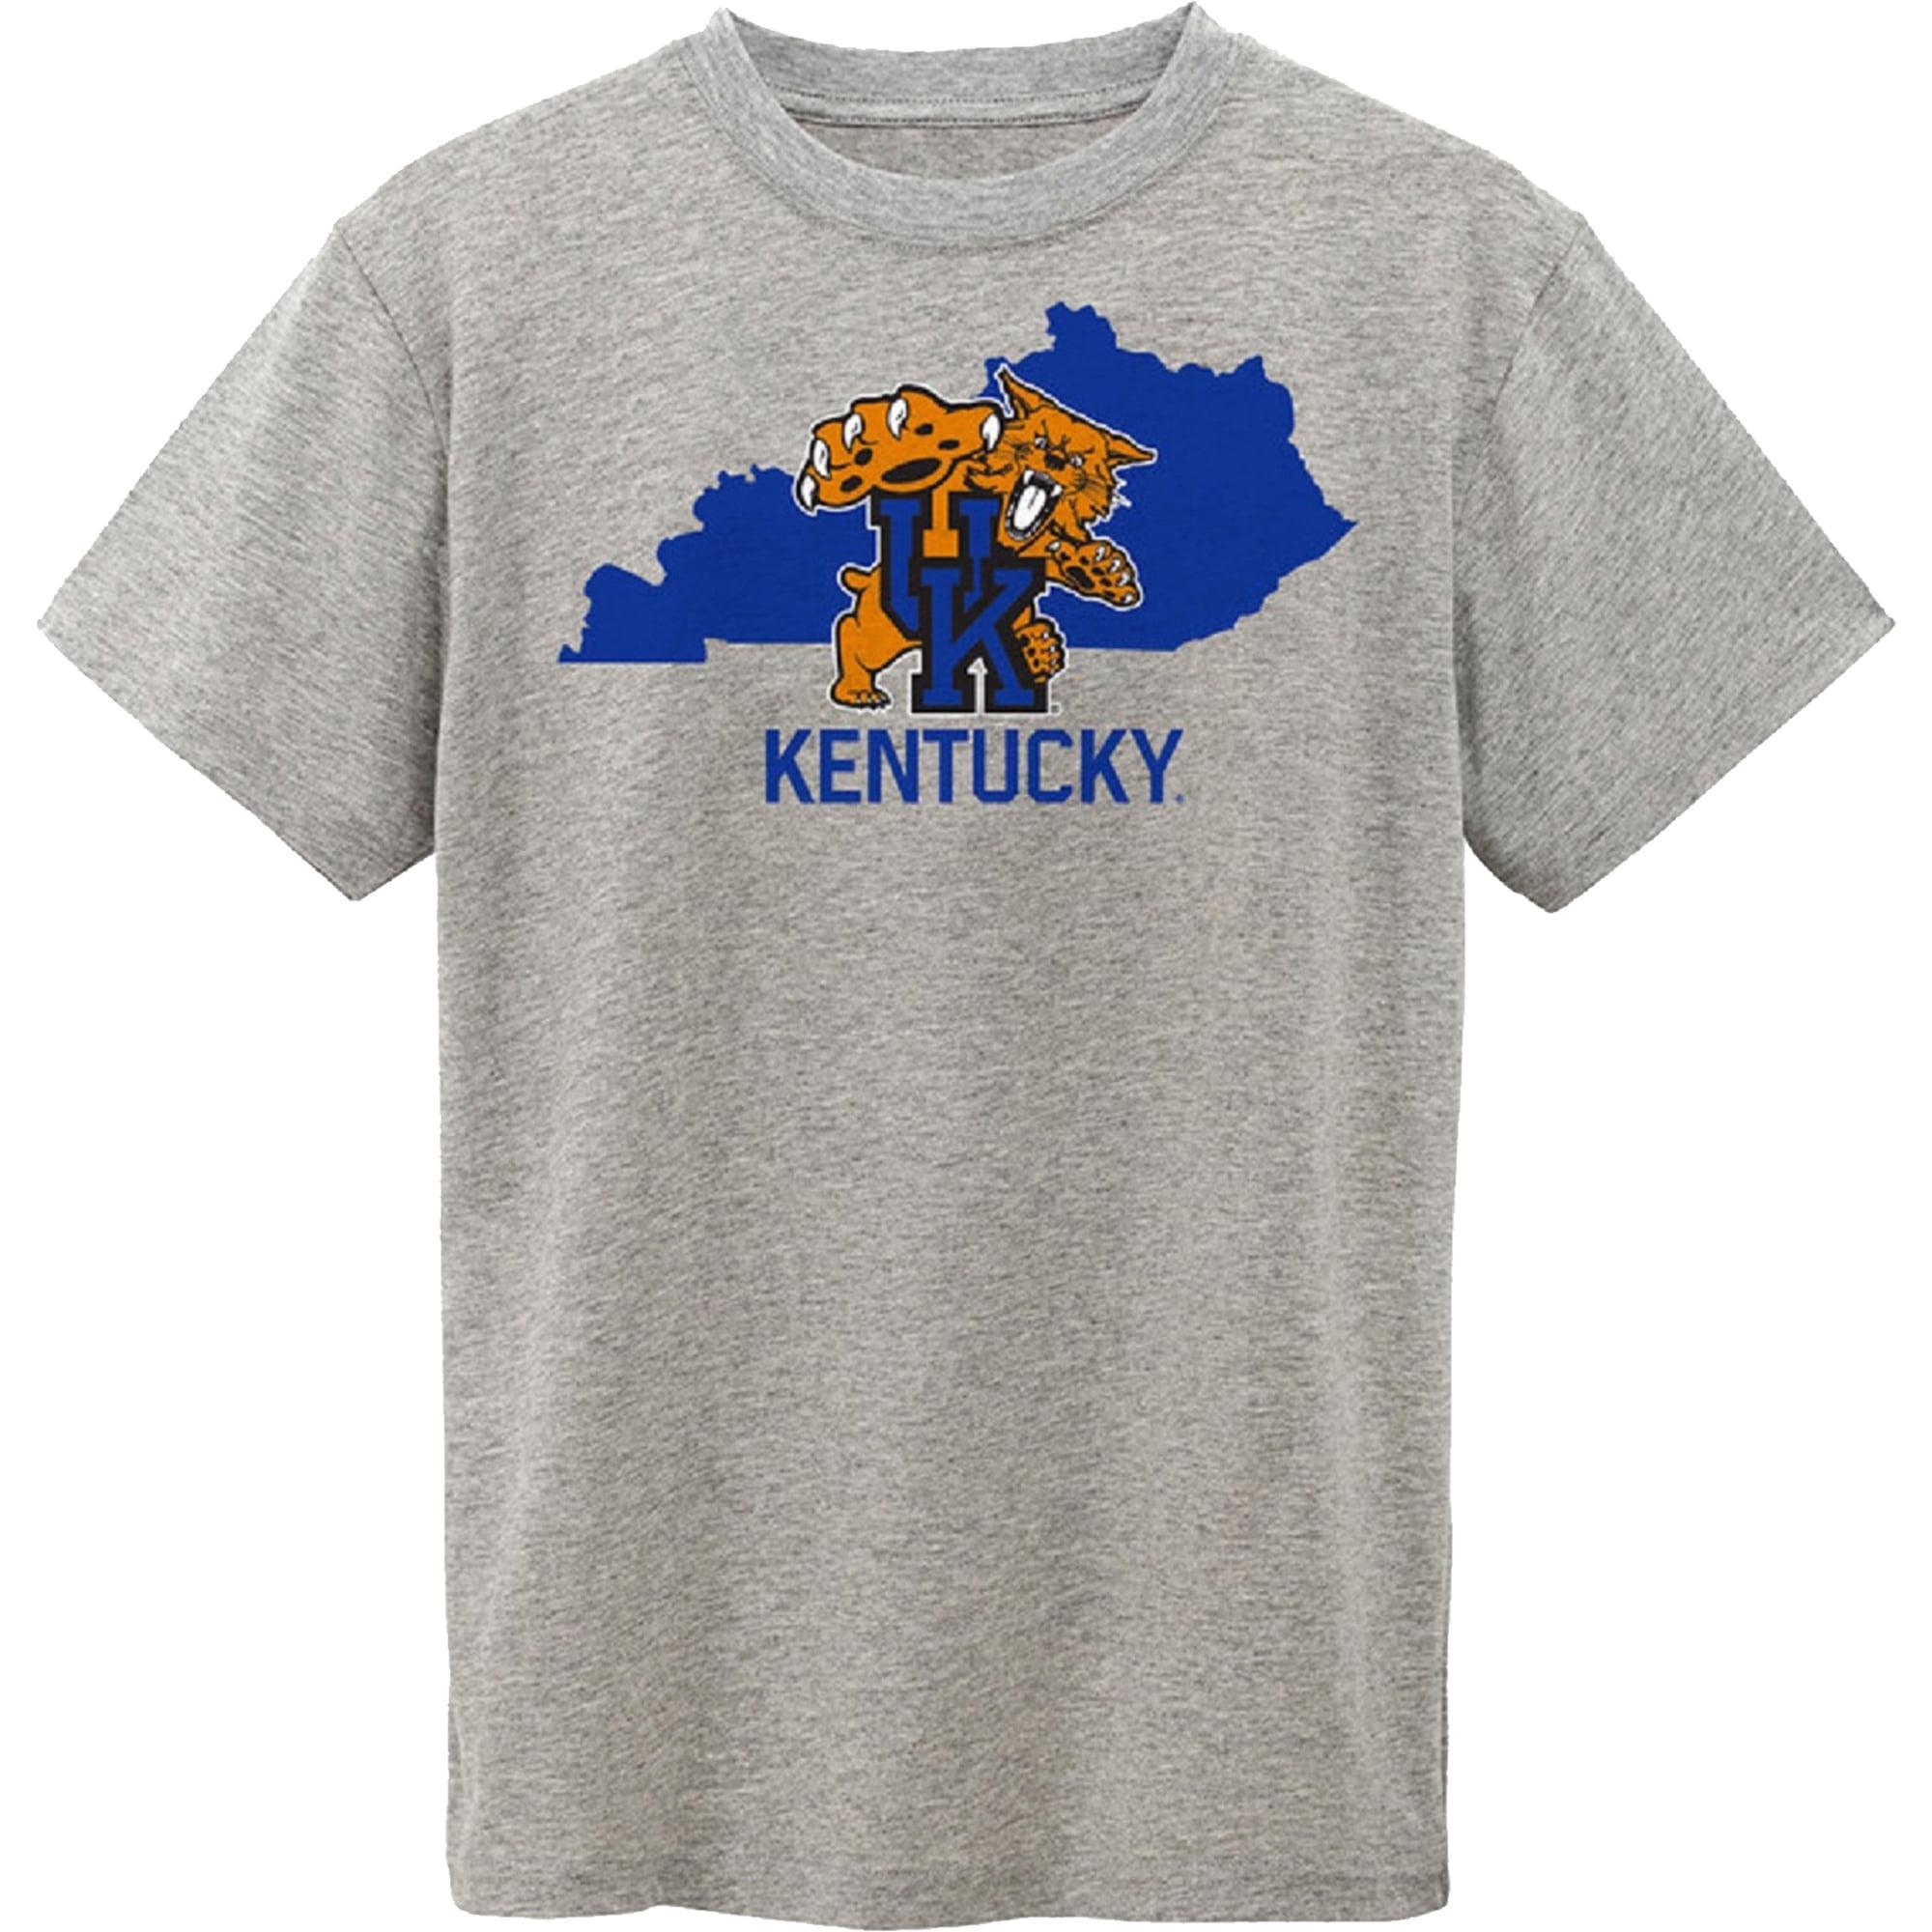 Toddler Gray Kentucky Wildcats State T-Shirt